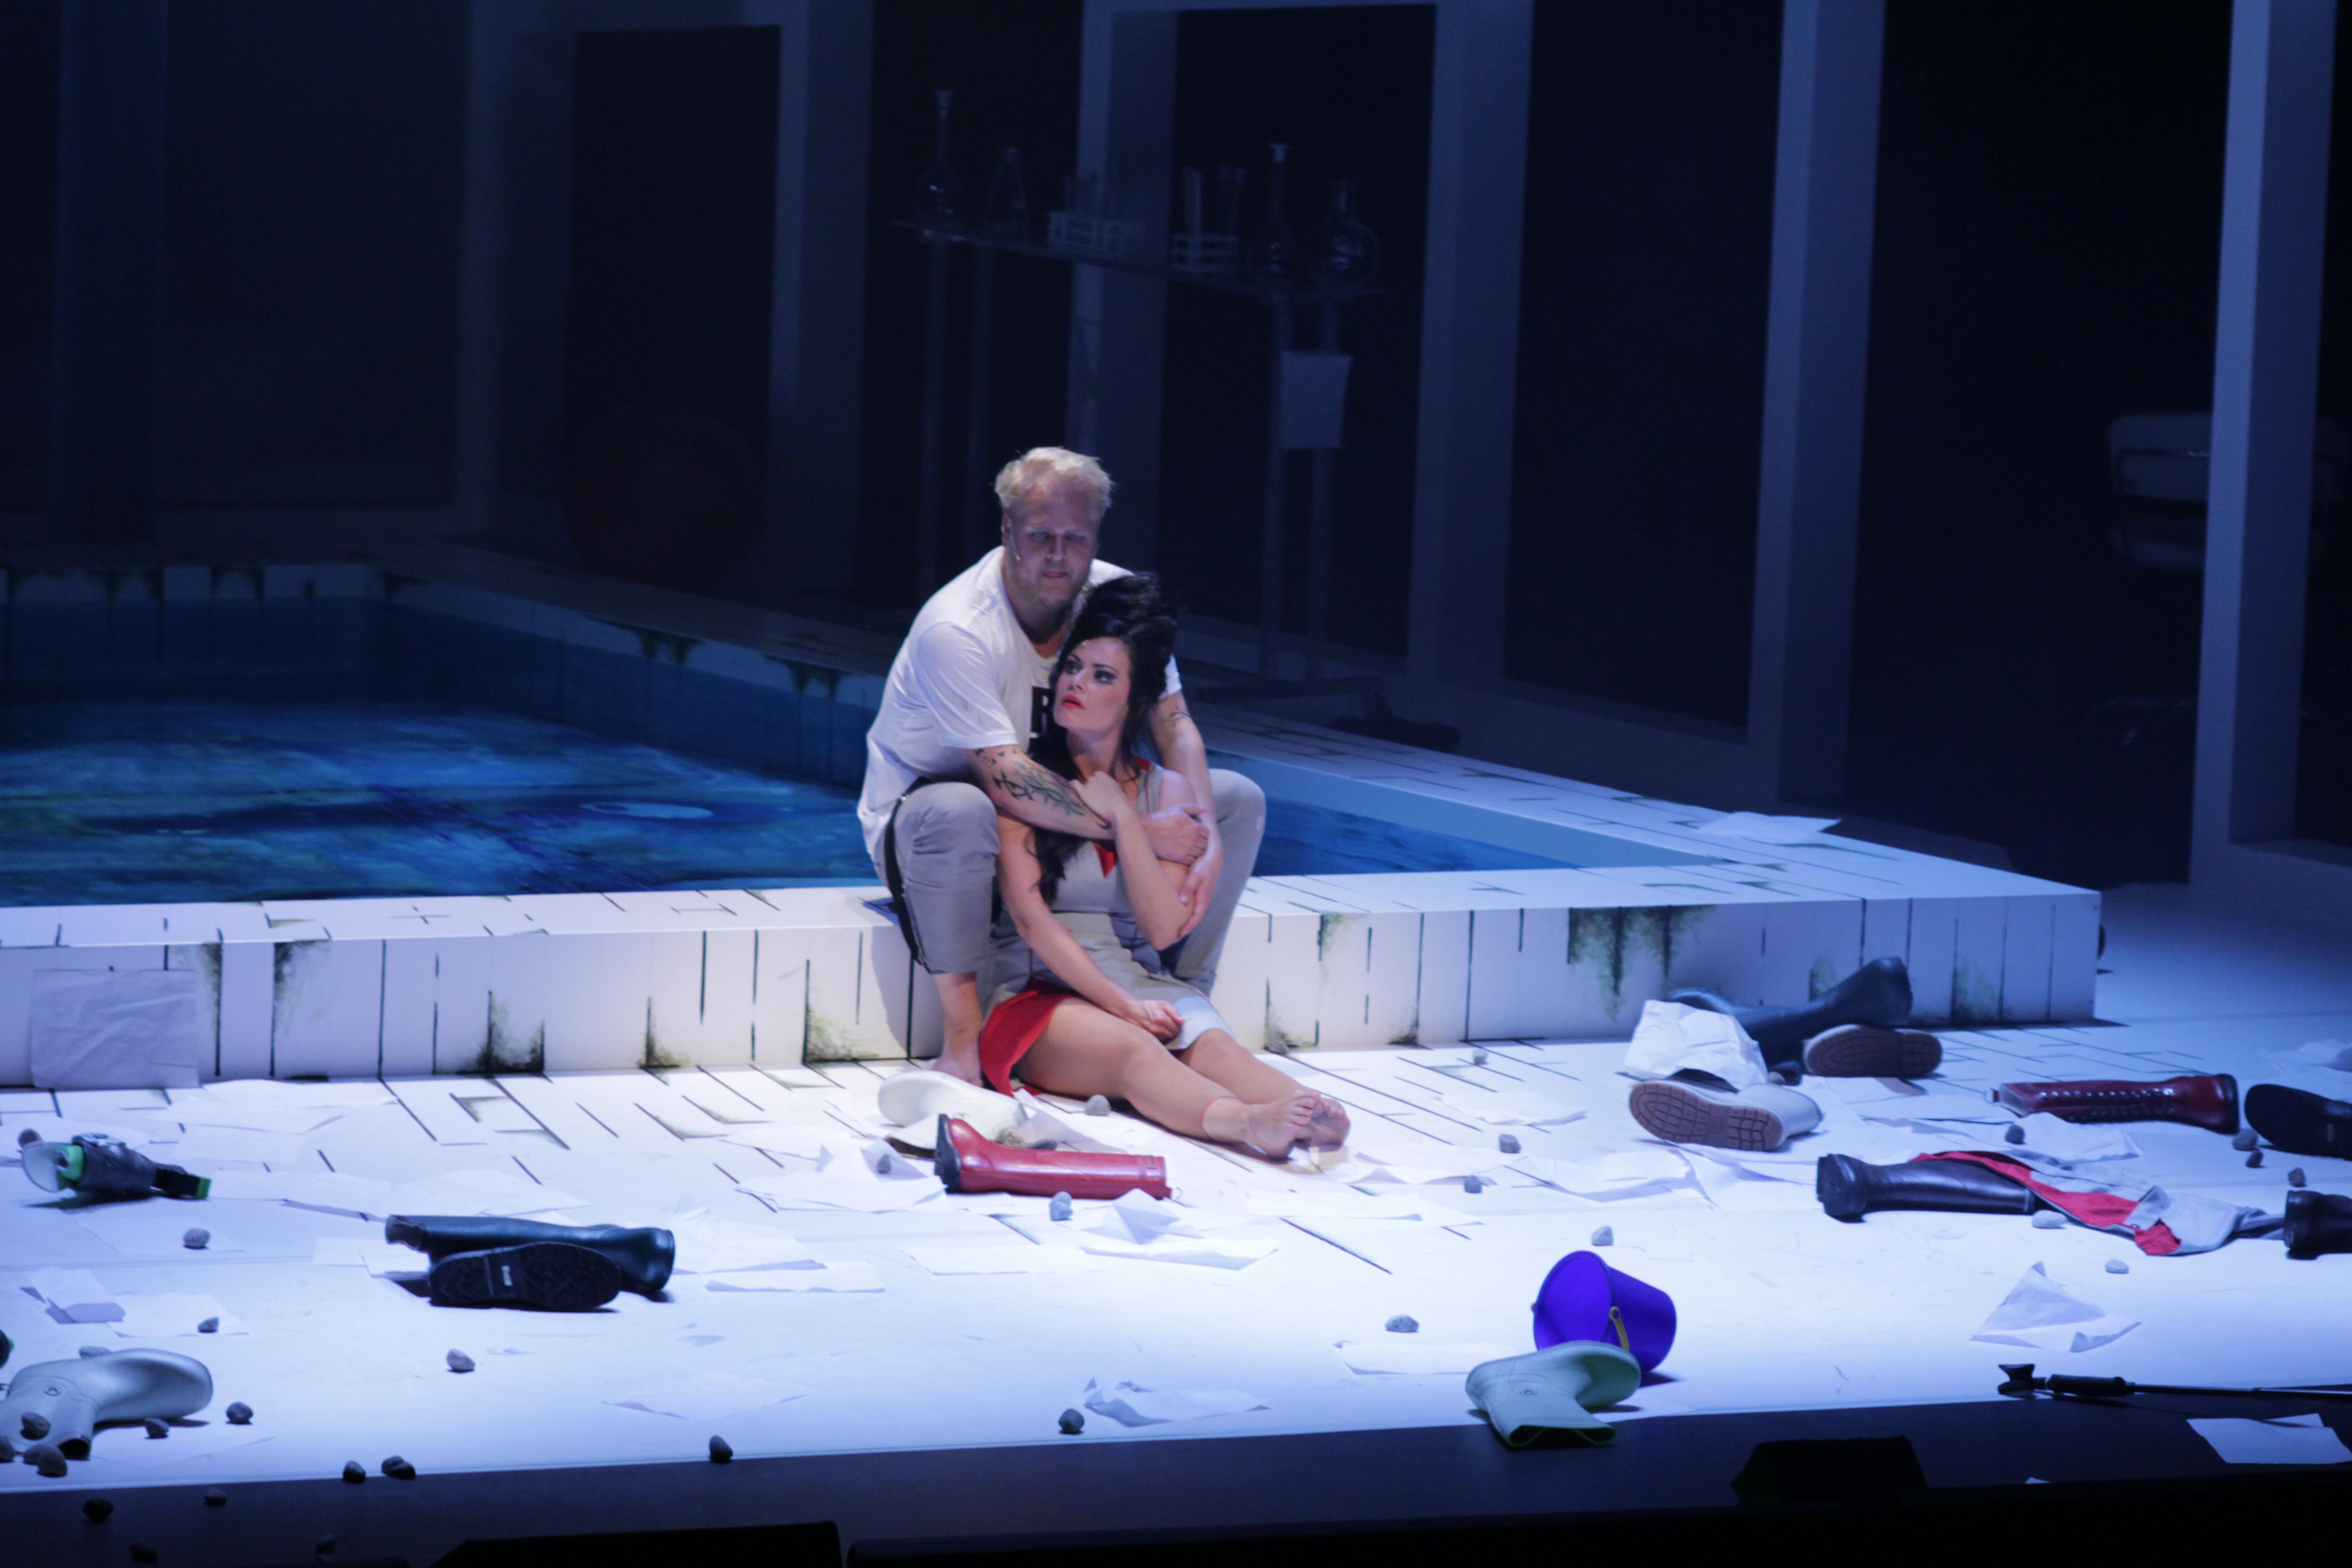 Hvis du skal gå på teater i år, bør det være denne: «En folkefiende» av Henrik Ibsen